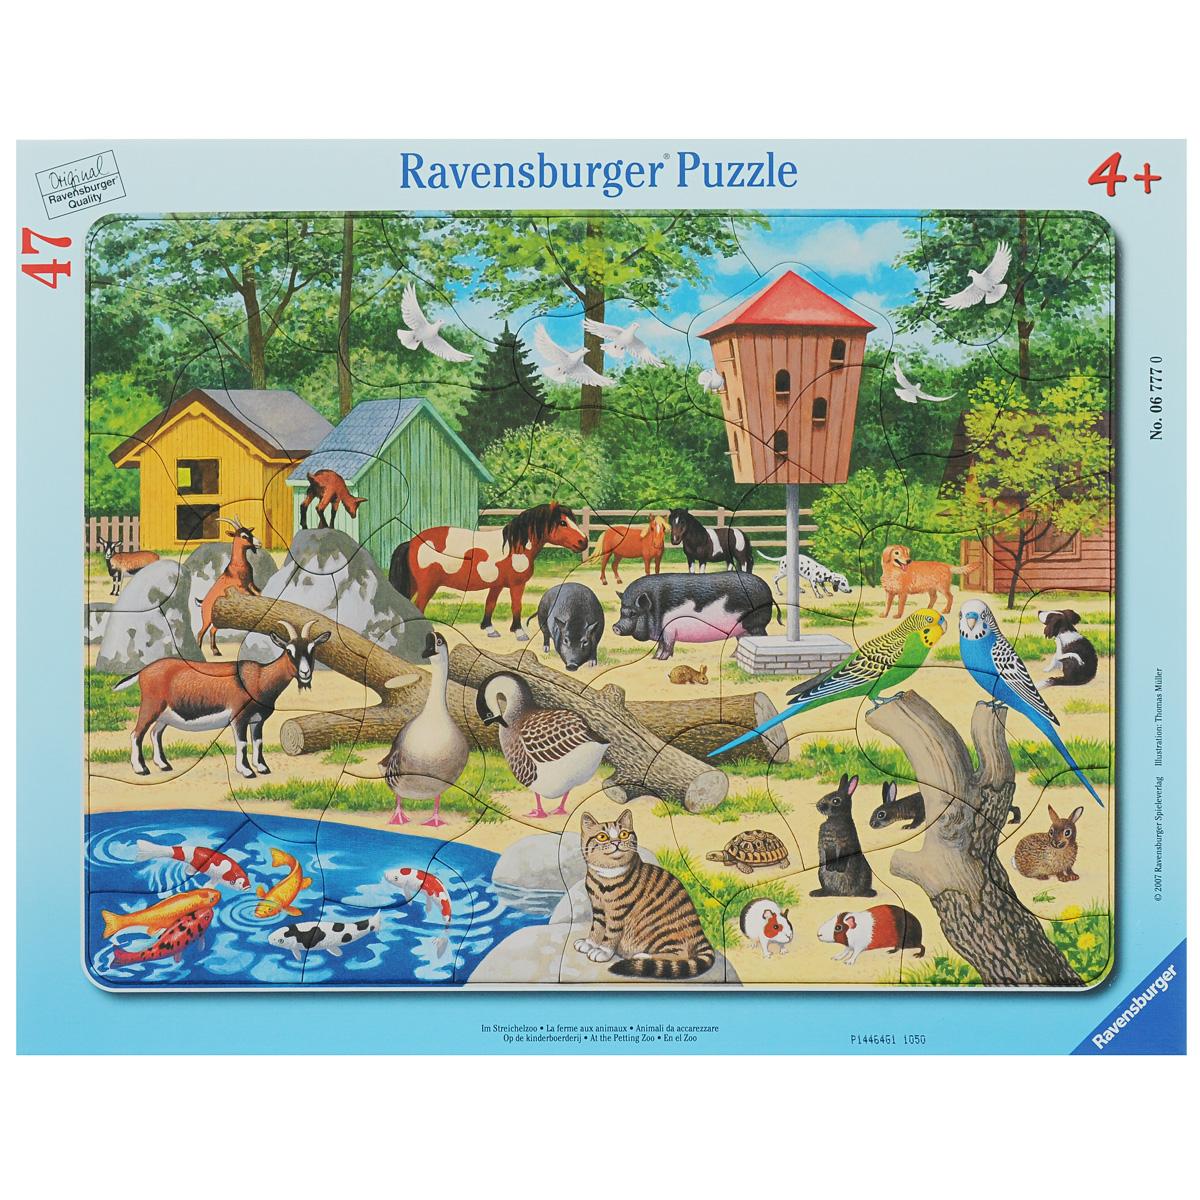 Ravensburger В детском зоопарке. Пазл, 47 элементов ravensburger подводный мир пазл 5000 элементов